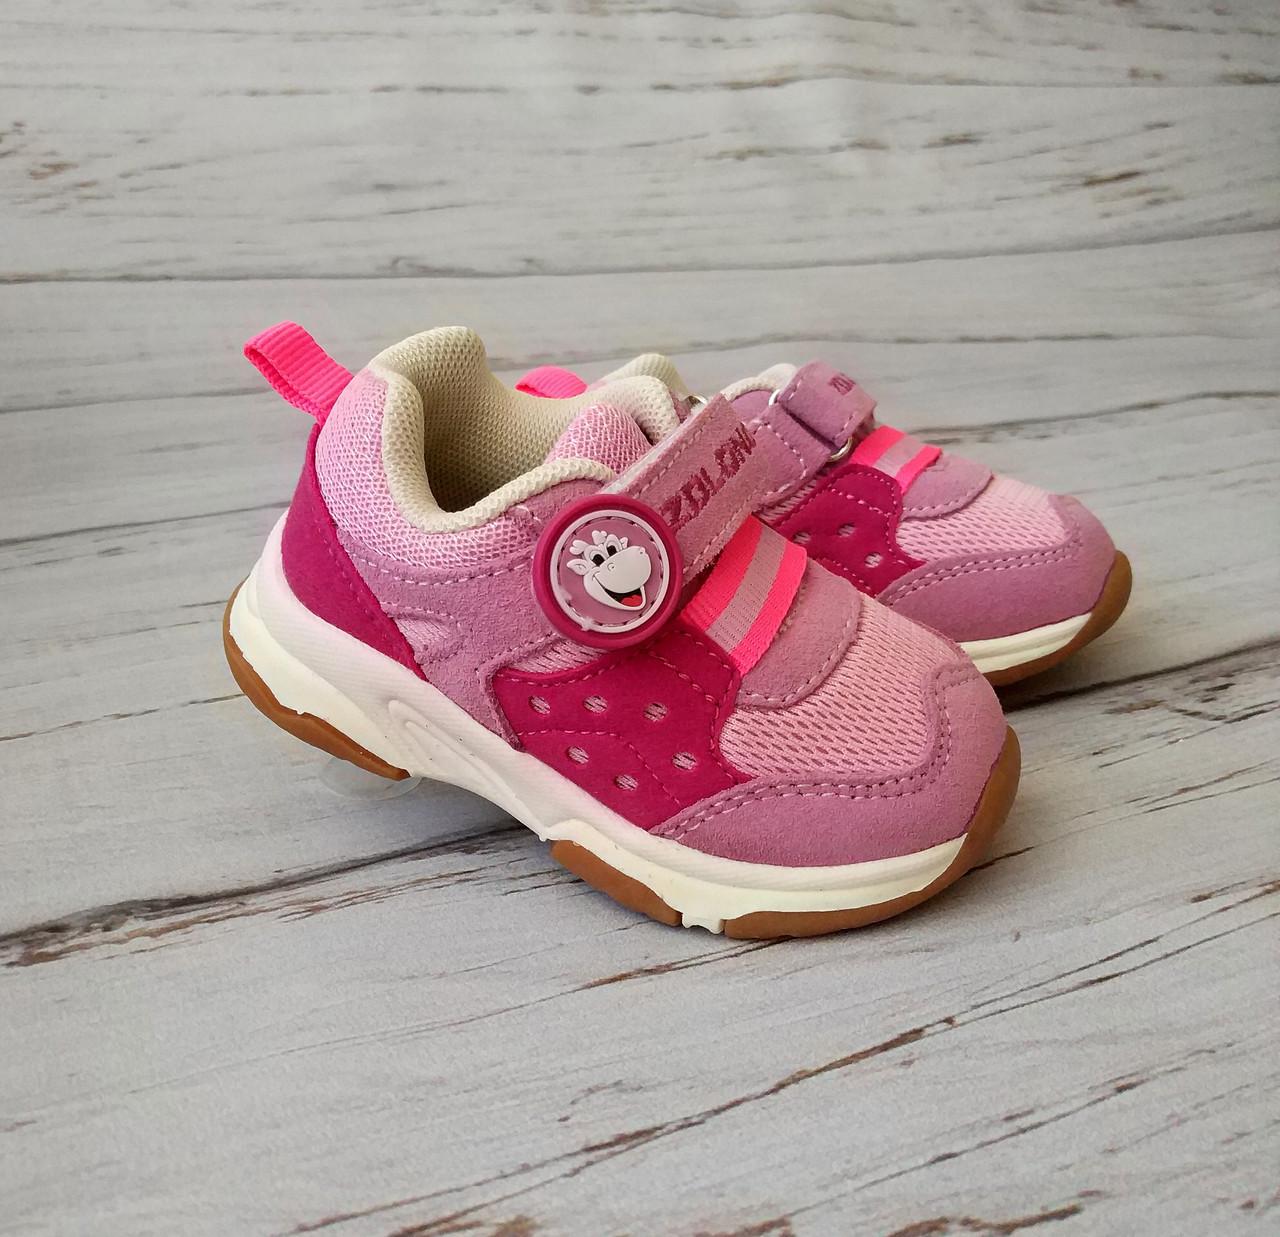 5469de7a Обувь для девочек, Кроссовки Comfort Baby (Турция) анатомические ...